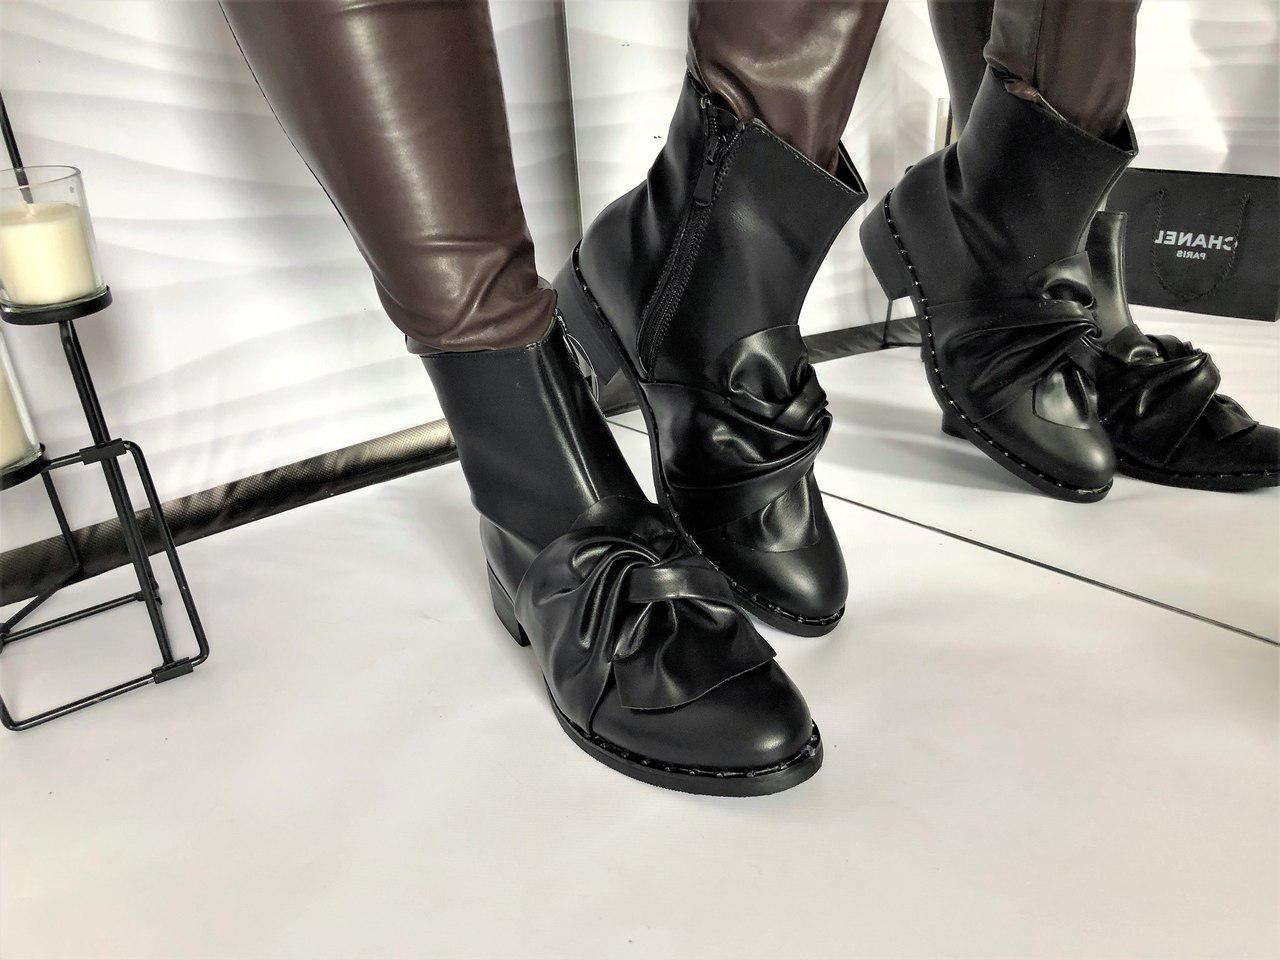 65ae581ca Женские демисезонные ботинки бант люкс копия,Турция. - *МОДНЫЙ BAZAAR*  Одежда и